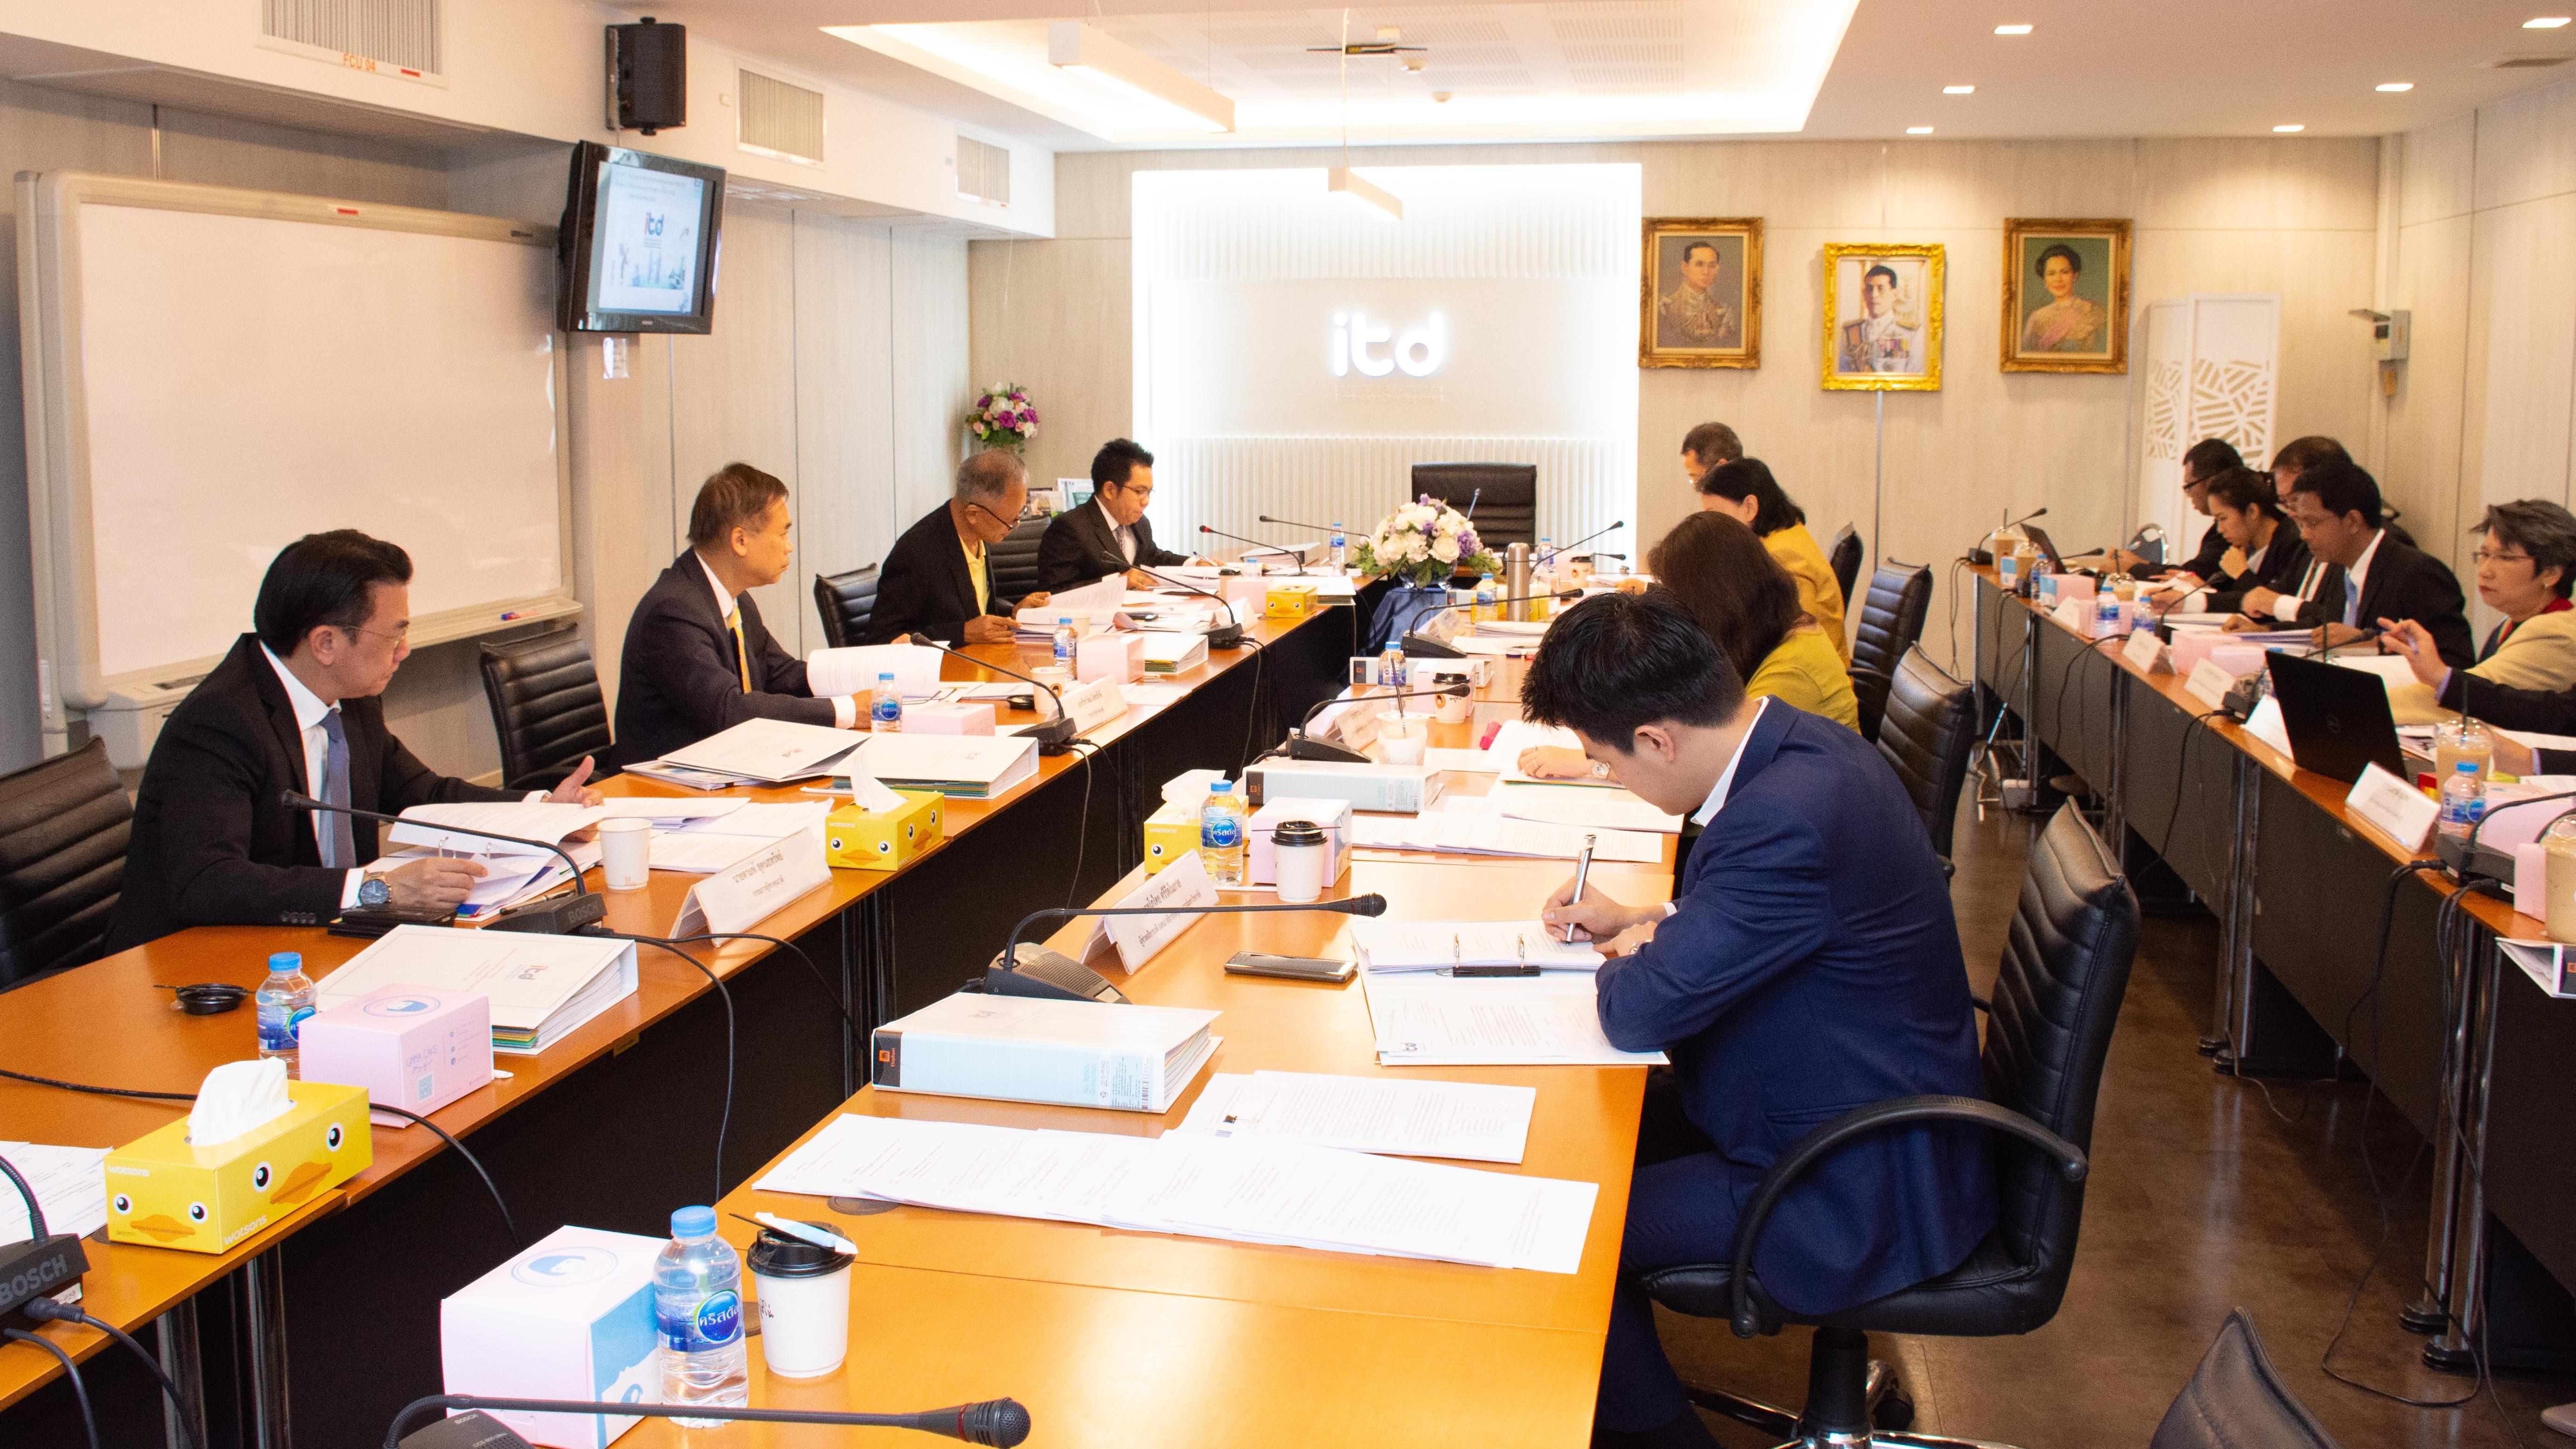 การประชุมคณะกรรมการสถาบันระหว่างประเทศเพื่อการค้าและการพัฒนา ครั้งที่ 3/2562